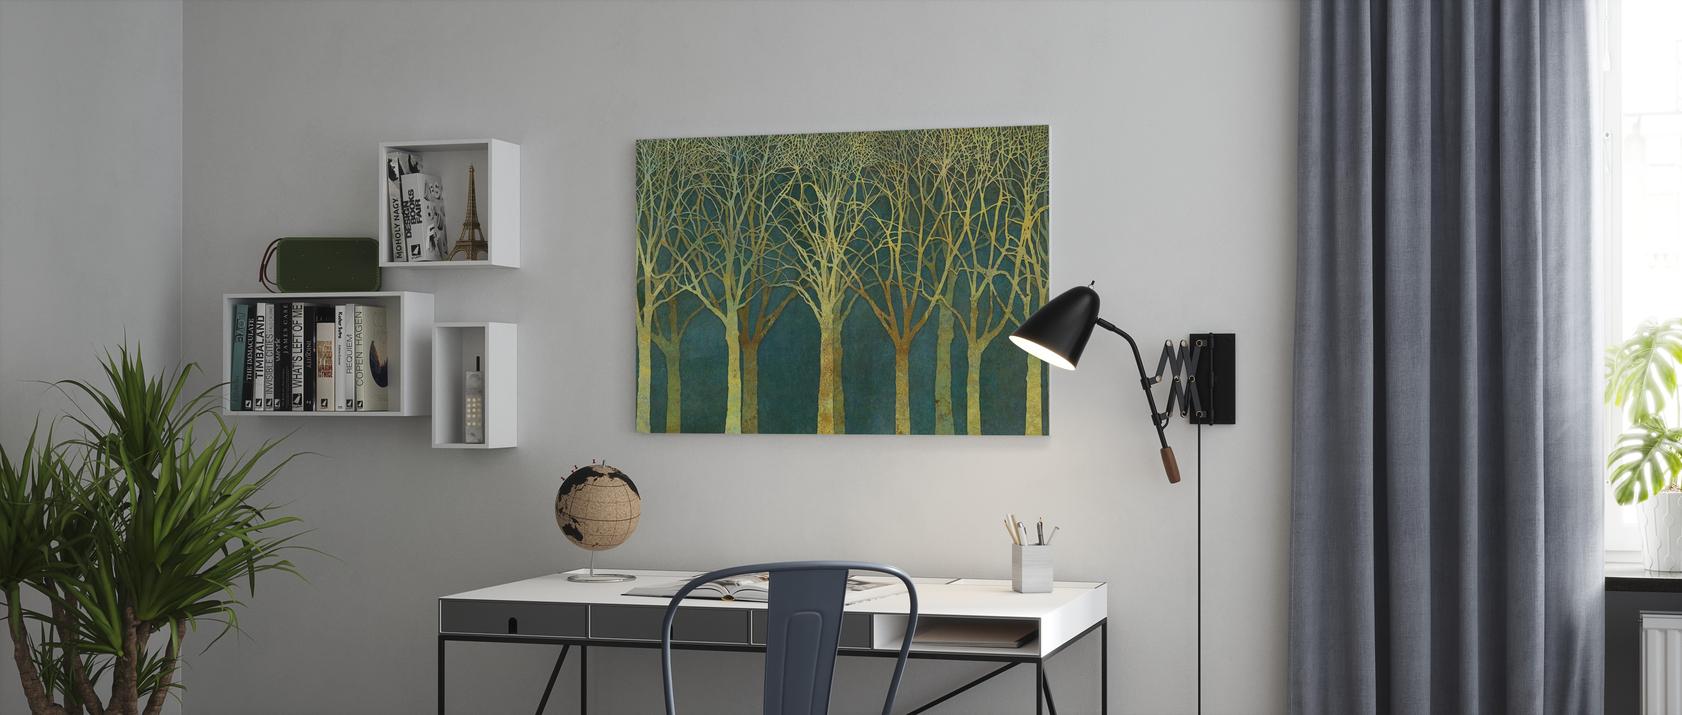 Fertig aufgespannt auf 4cm Holz-Keilrahmen Birkenwald Tolles Wandbild als Hintergrund und Deko f/ür Wohnzimmer /& Schlafzimmer als 90x60cm gro/ße XXL Leinwand EIN Atemberaubendes Bild